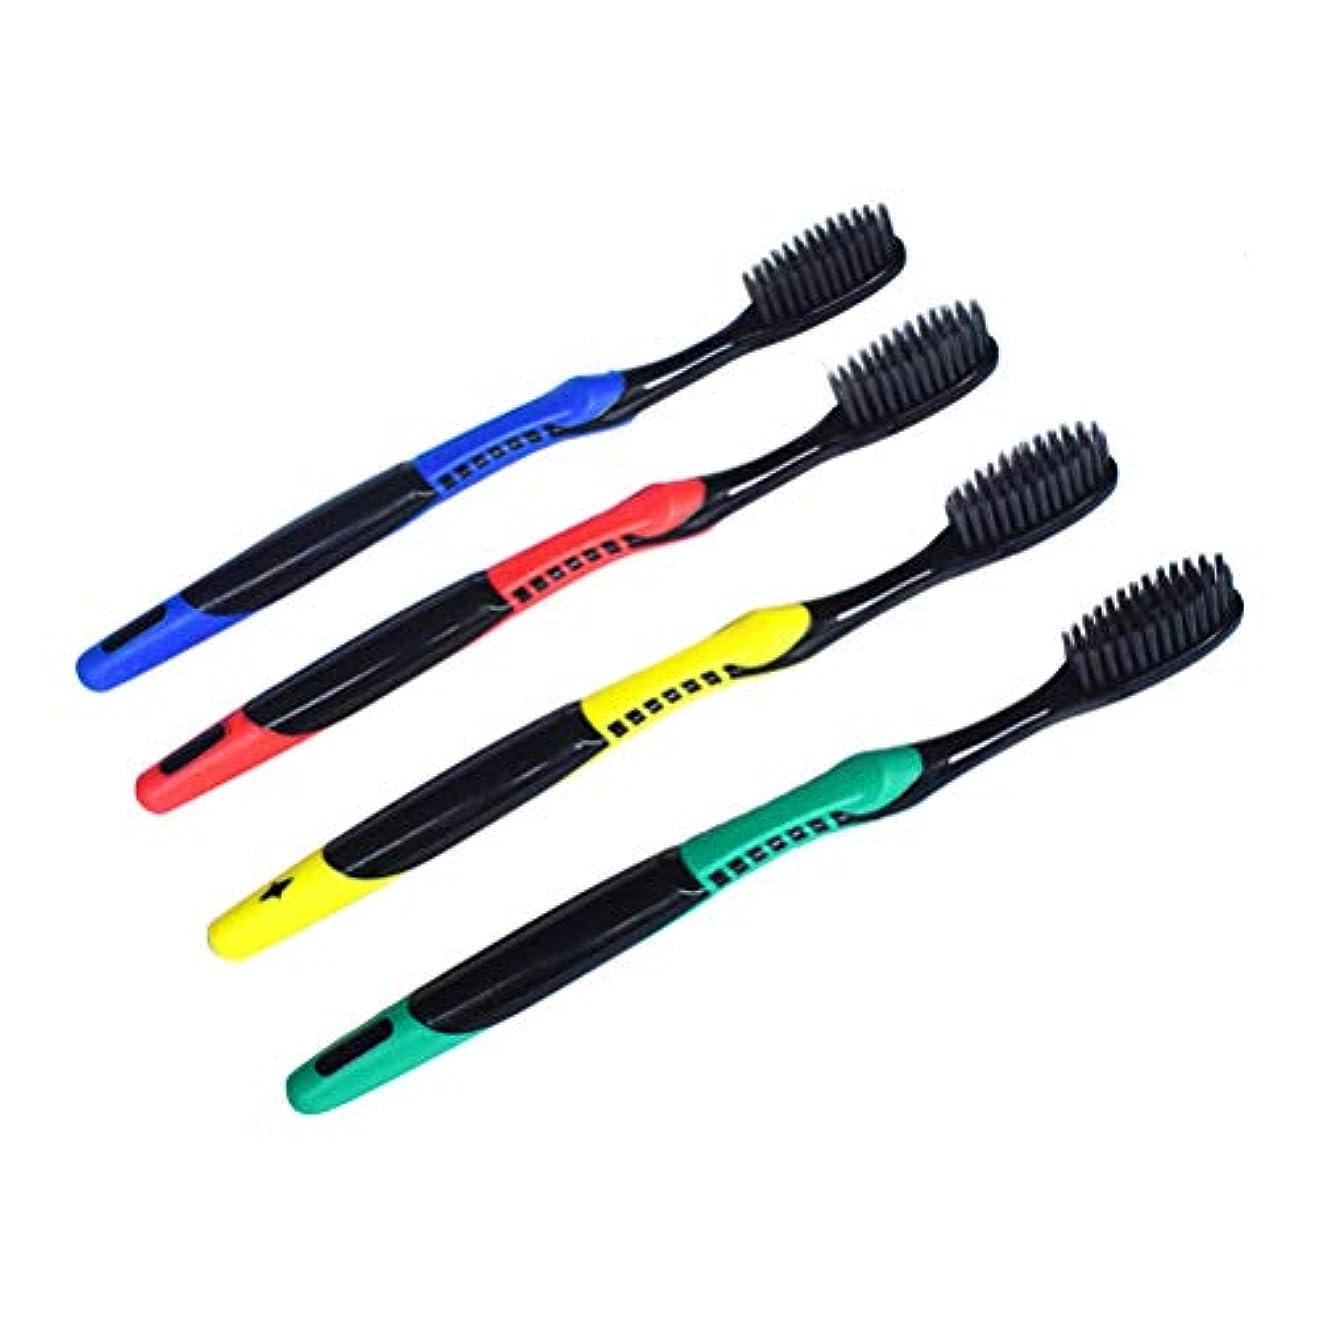 報酬強大な腰Healifty 家庭用電車旅行用ソフト環境に優しい歯ブラシ8PC竹炭パッパス歯ブラシ(混色)